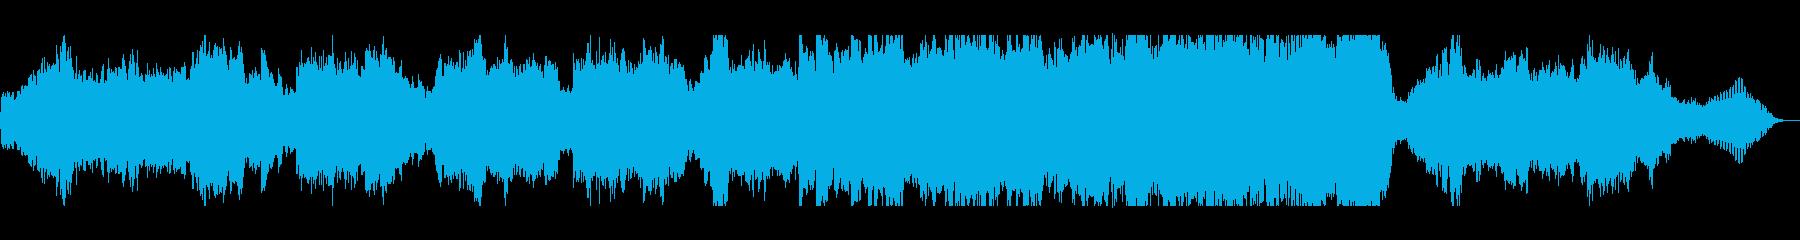 バイオリンとピアノのプレリュードの再生済みの波形